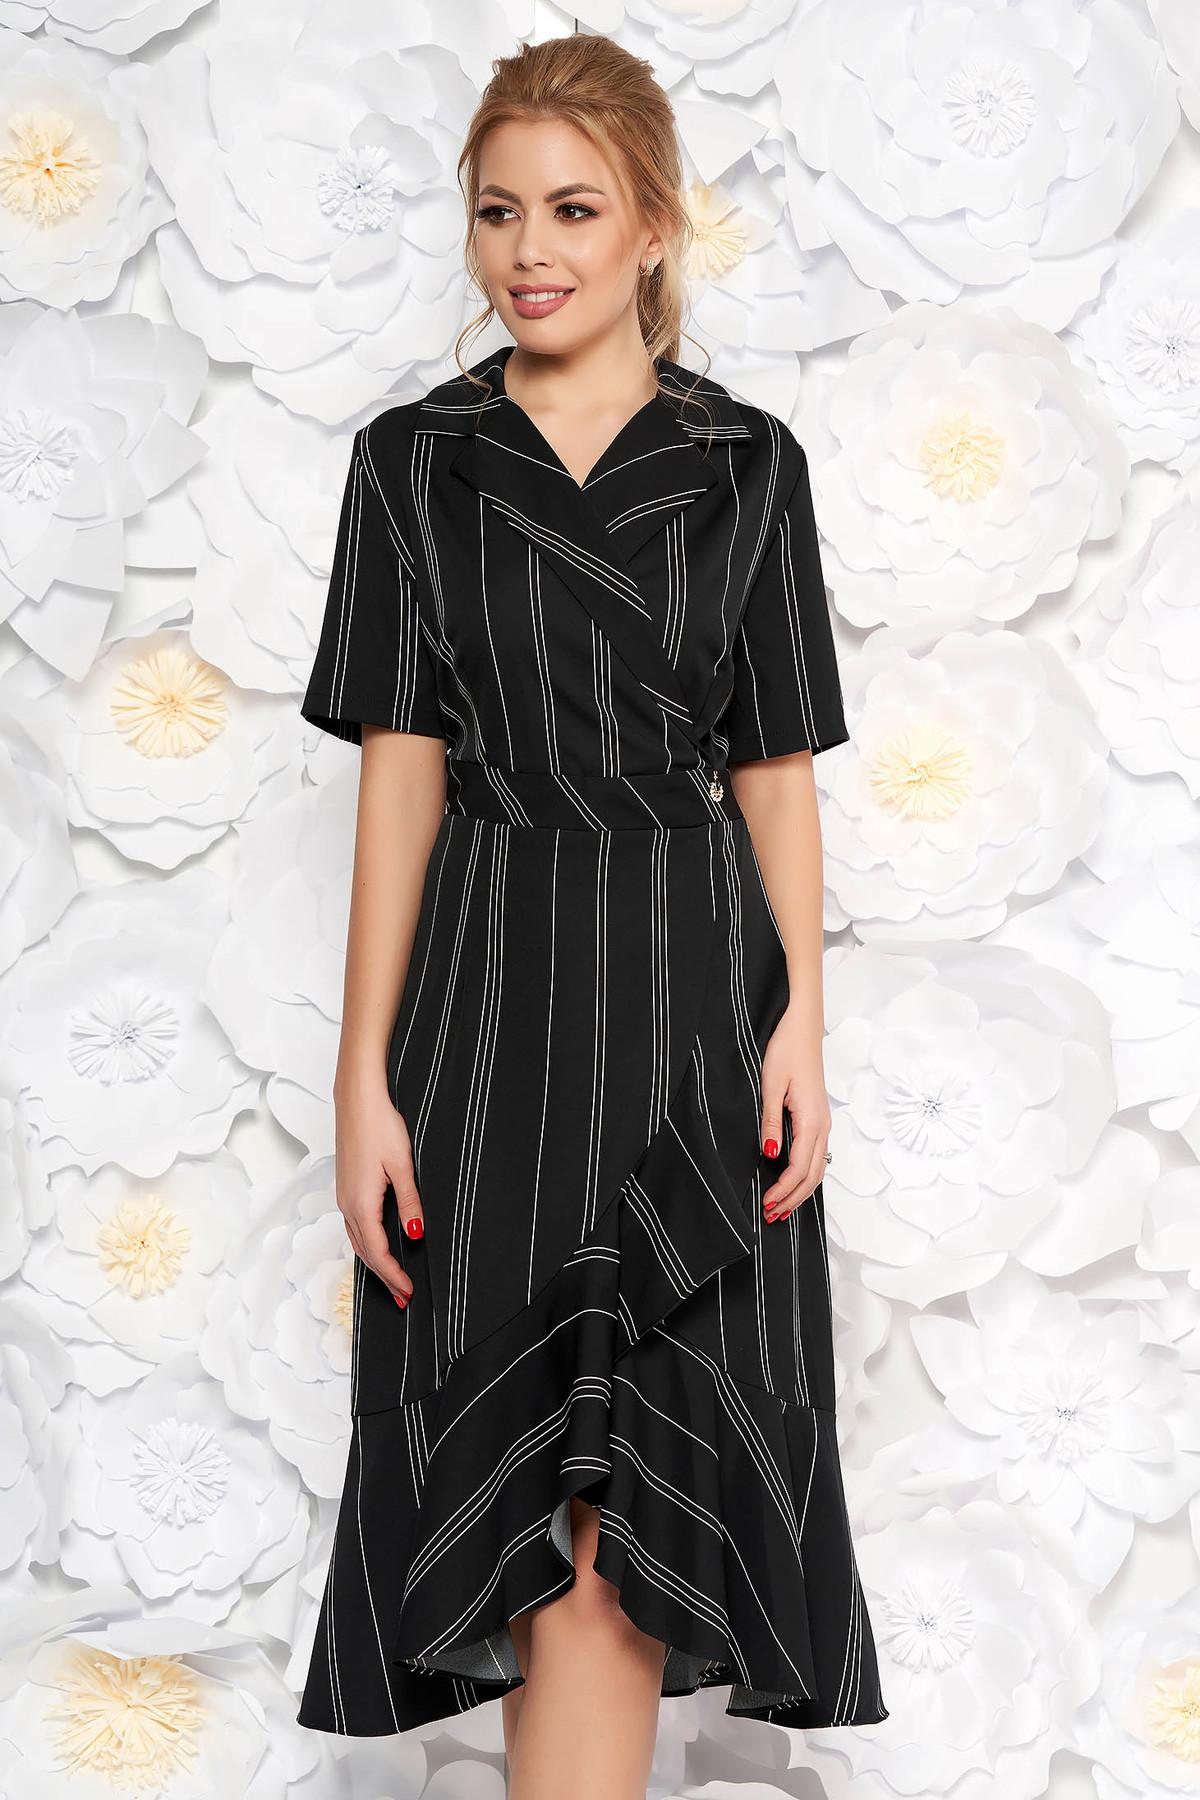 Rochie neagra de zi cu maneci scurte cu volanase la baza rochiei cu decolteu in v